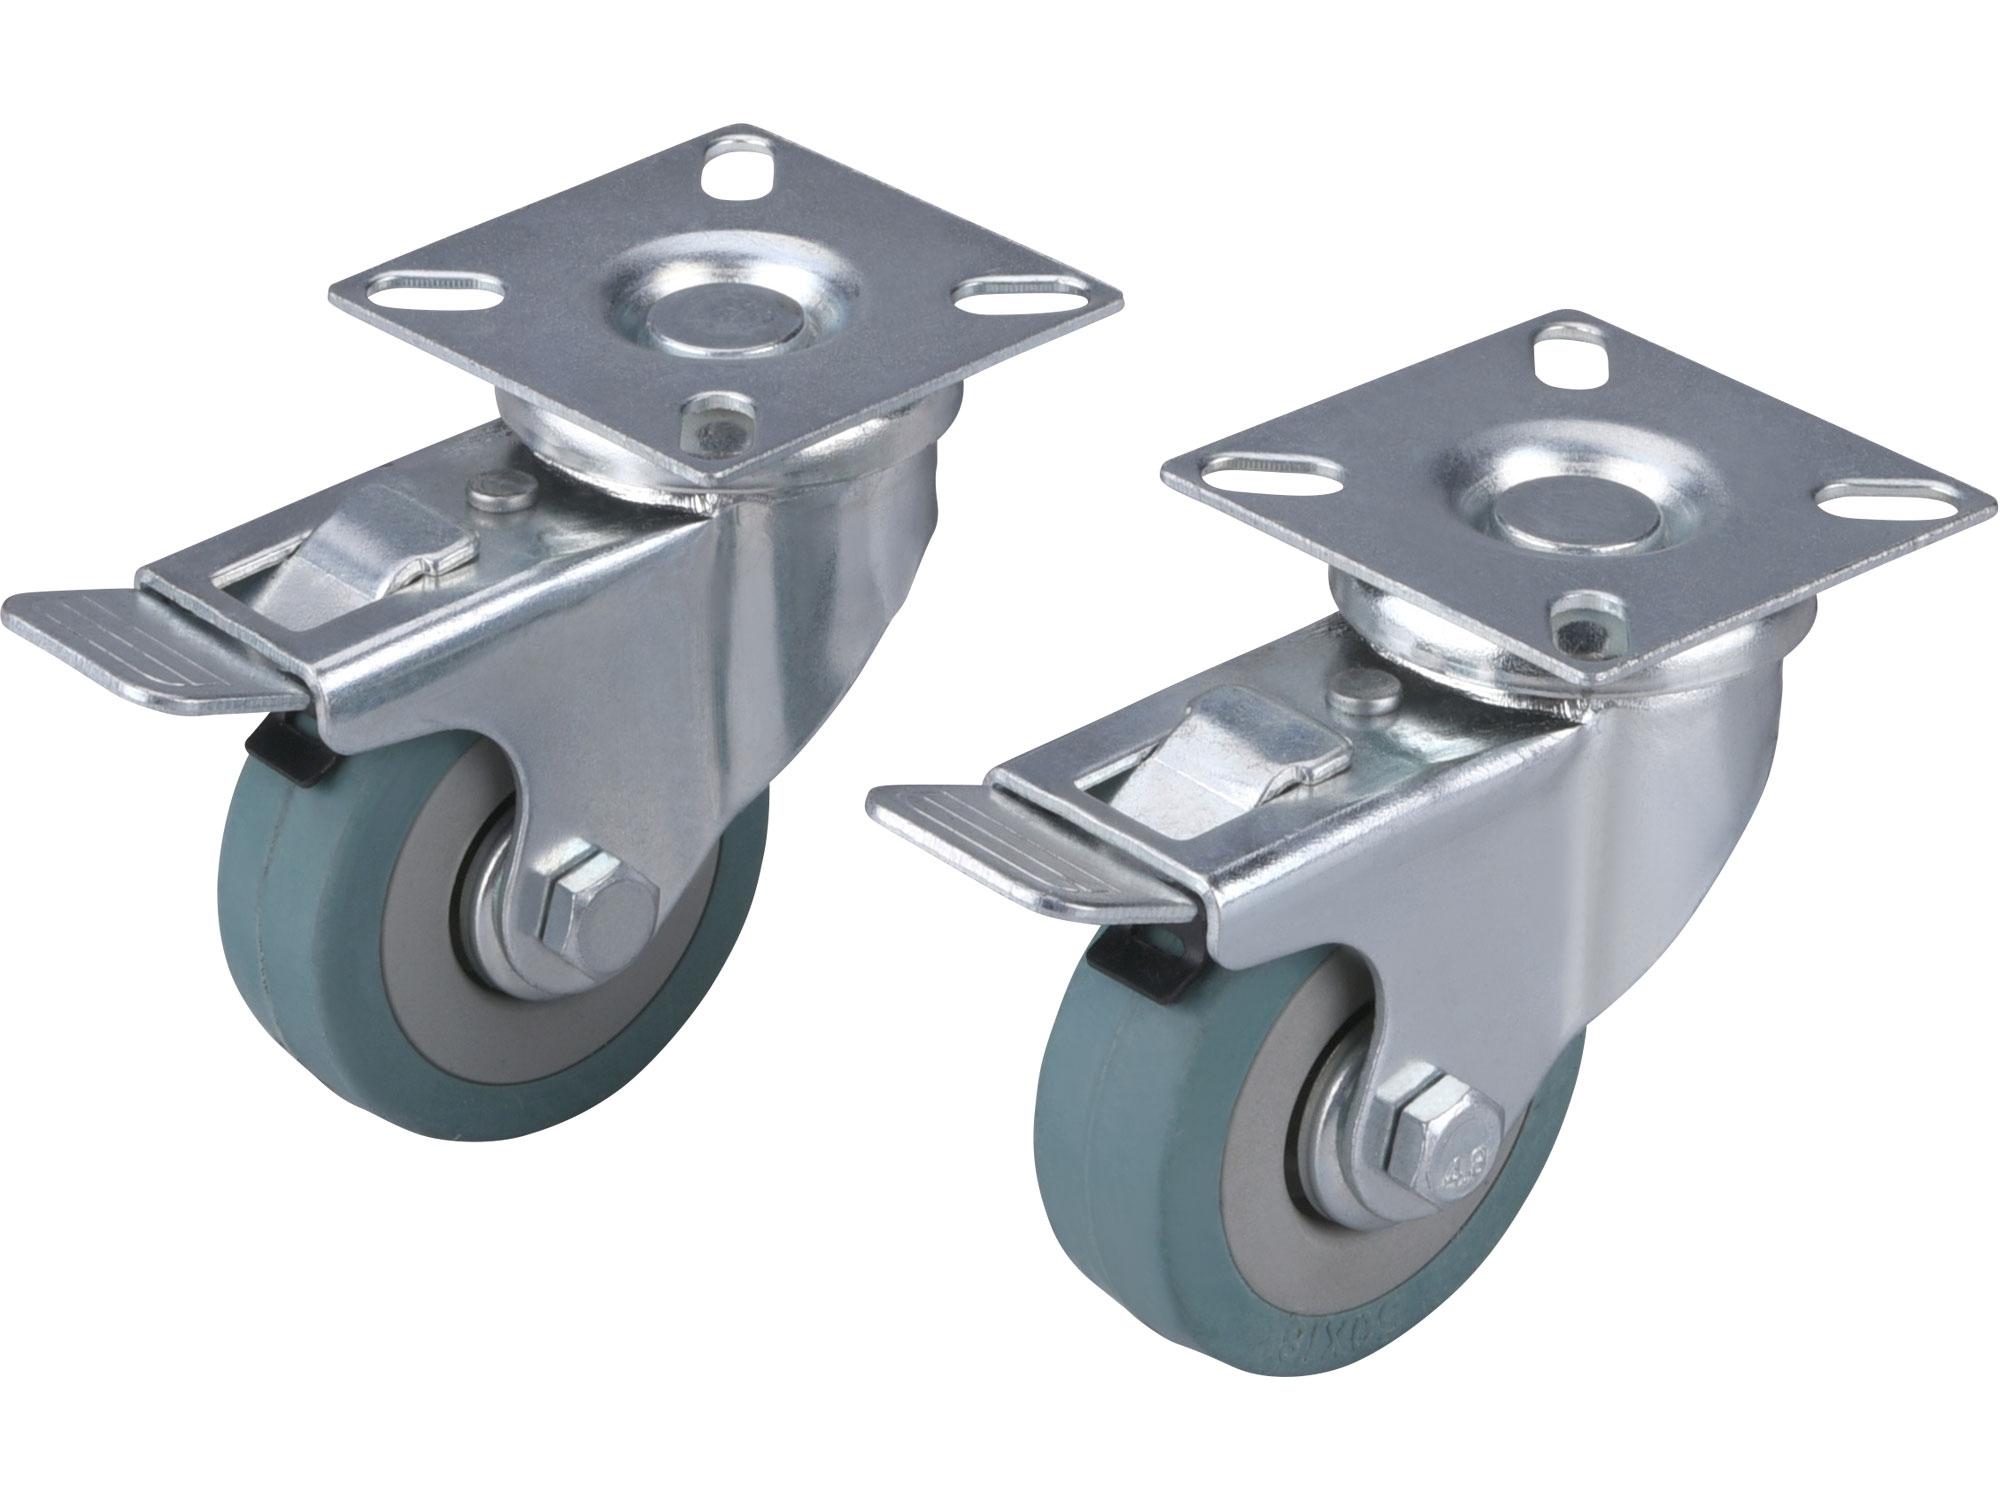 kolečka otočná s obručí ze šedé pryže a brzdou, sada 2ks, průměr 50mm, 8856025